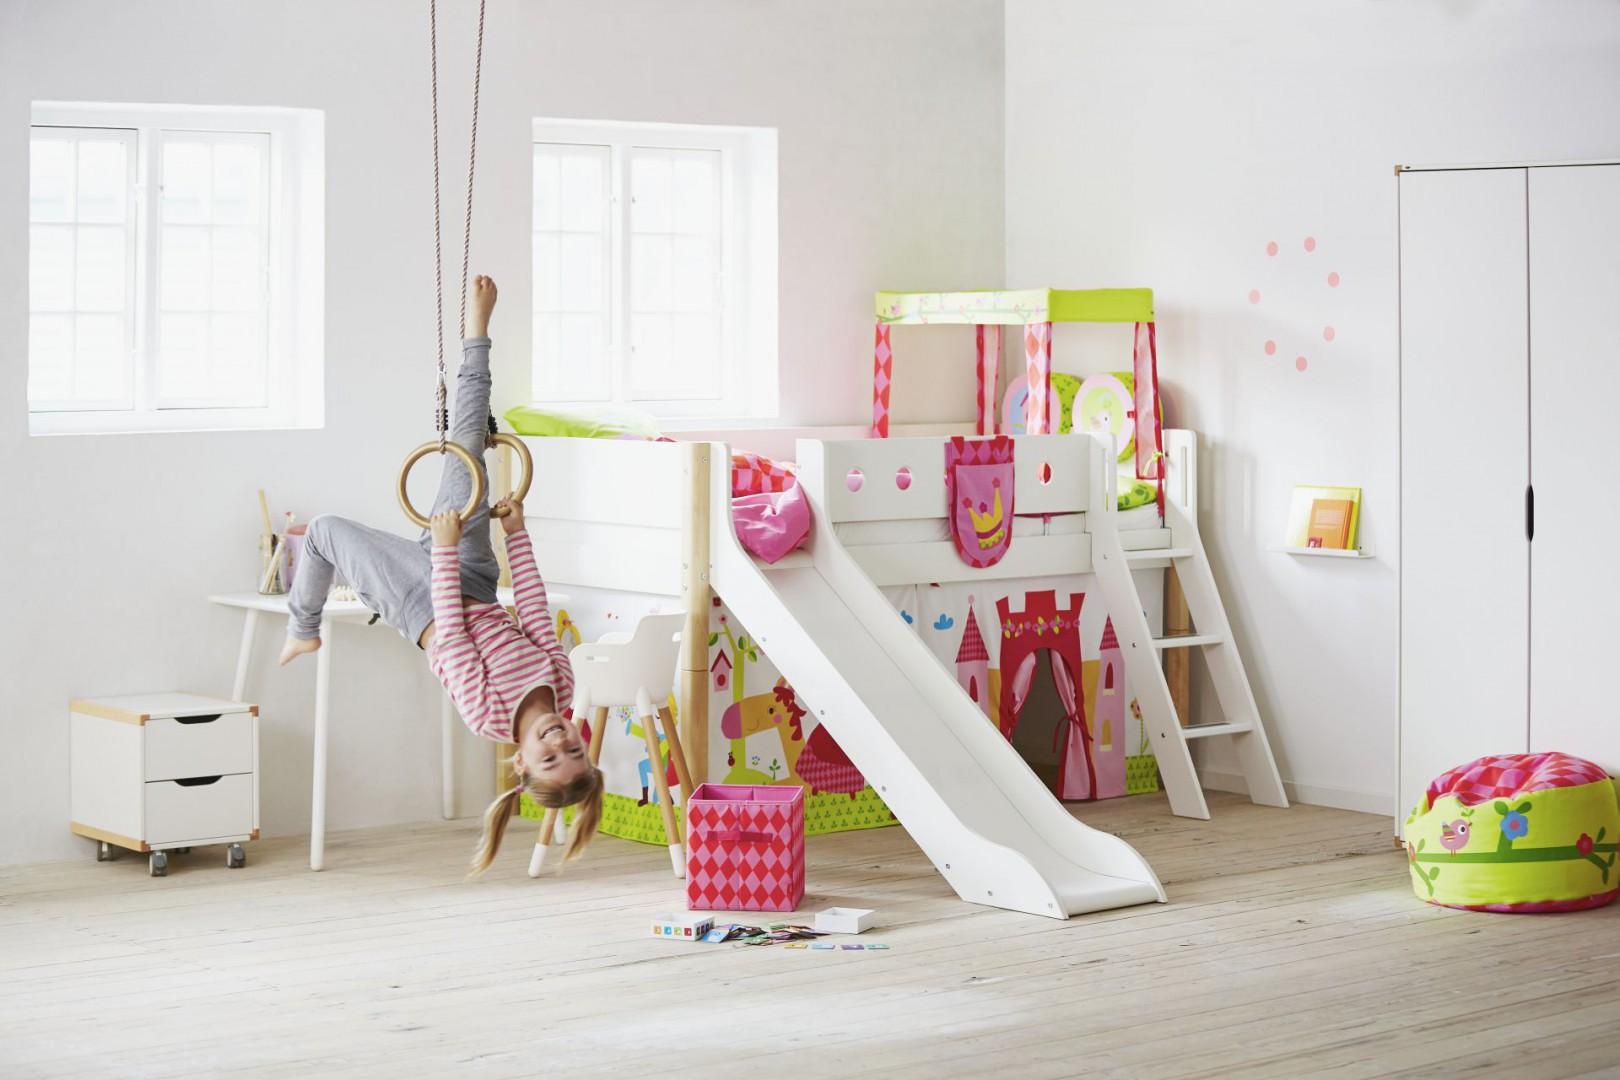 Wybieramy Meble Pokój Dziecka łóżka Piętrowe Jak Z Marzeń